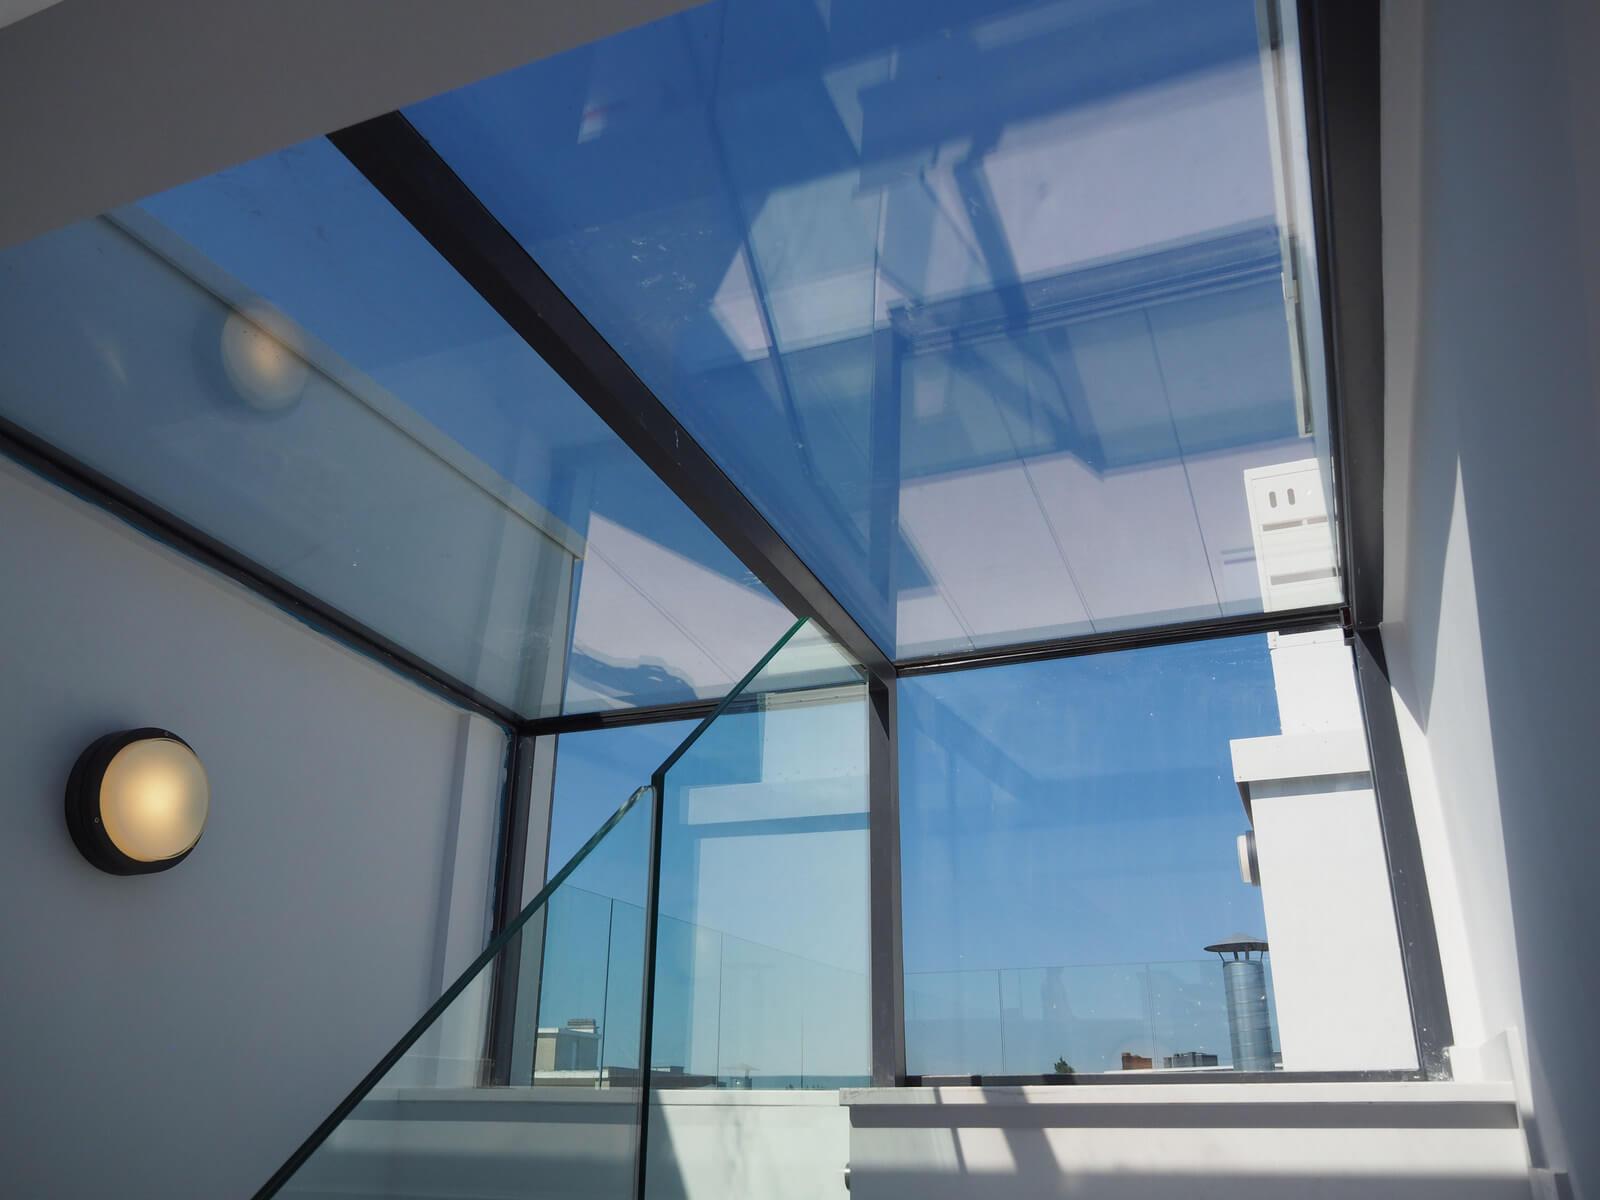 Binnenbuitenkijker: sliding box als toegang naar het dakterras in